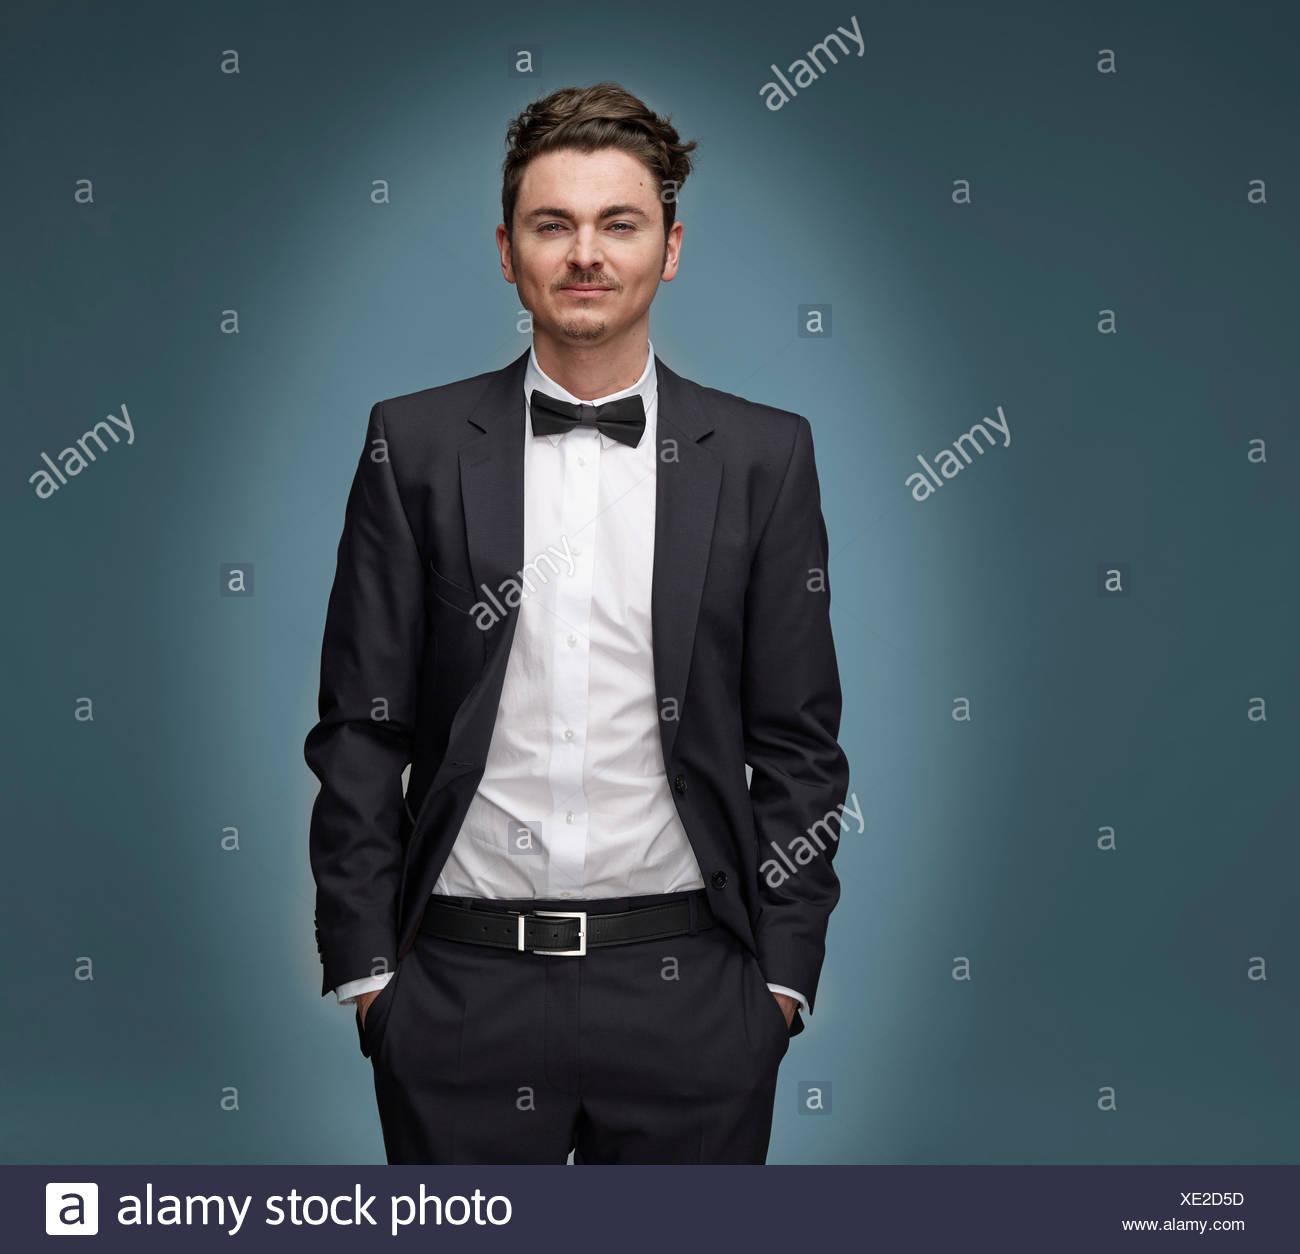 Portrait Suit Tie Bow Tie Stock Photos & Portrait Suit Tie Bow Tie ...